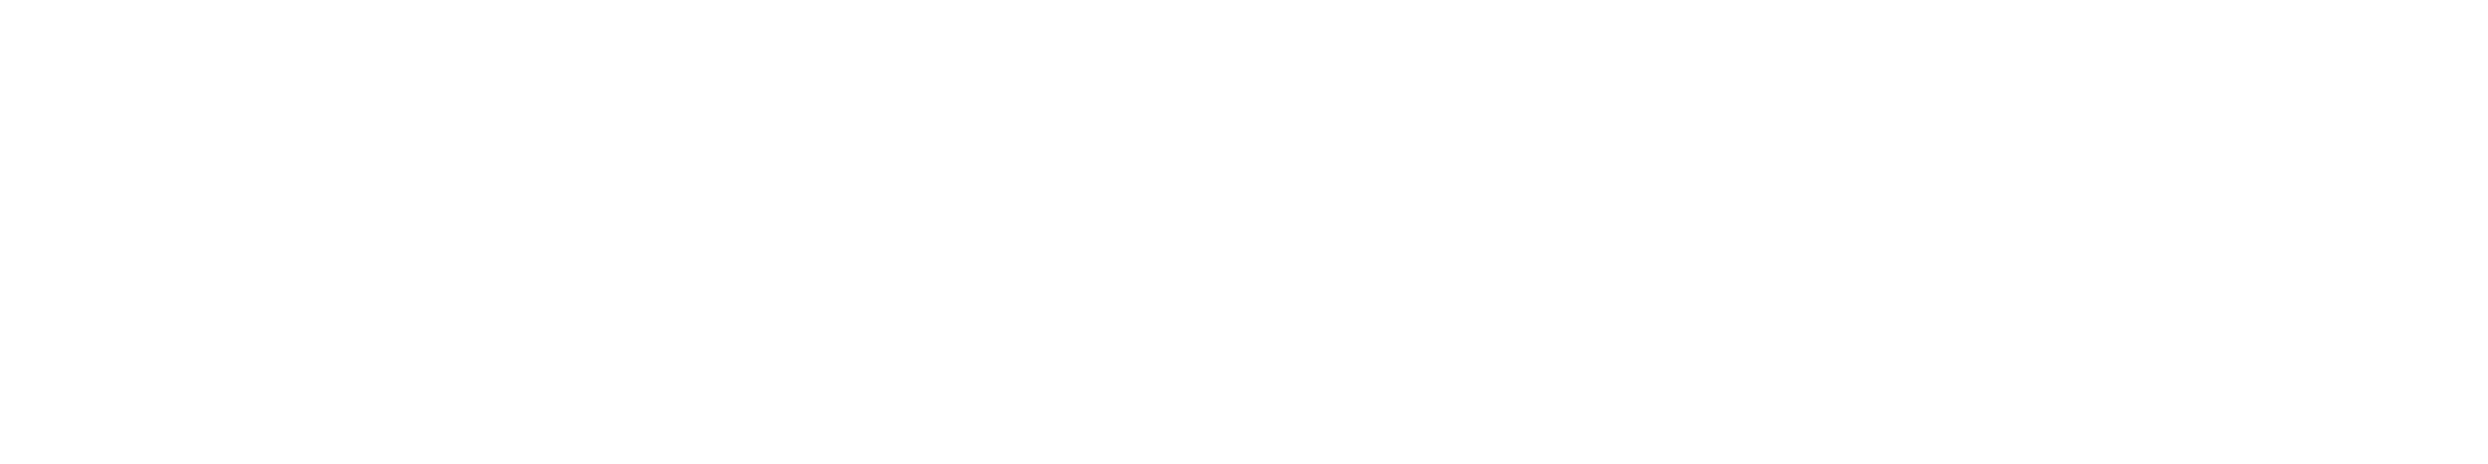 FSDP-Logo-Update-Knockout-04.png